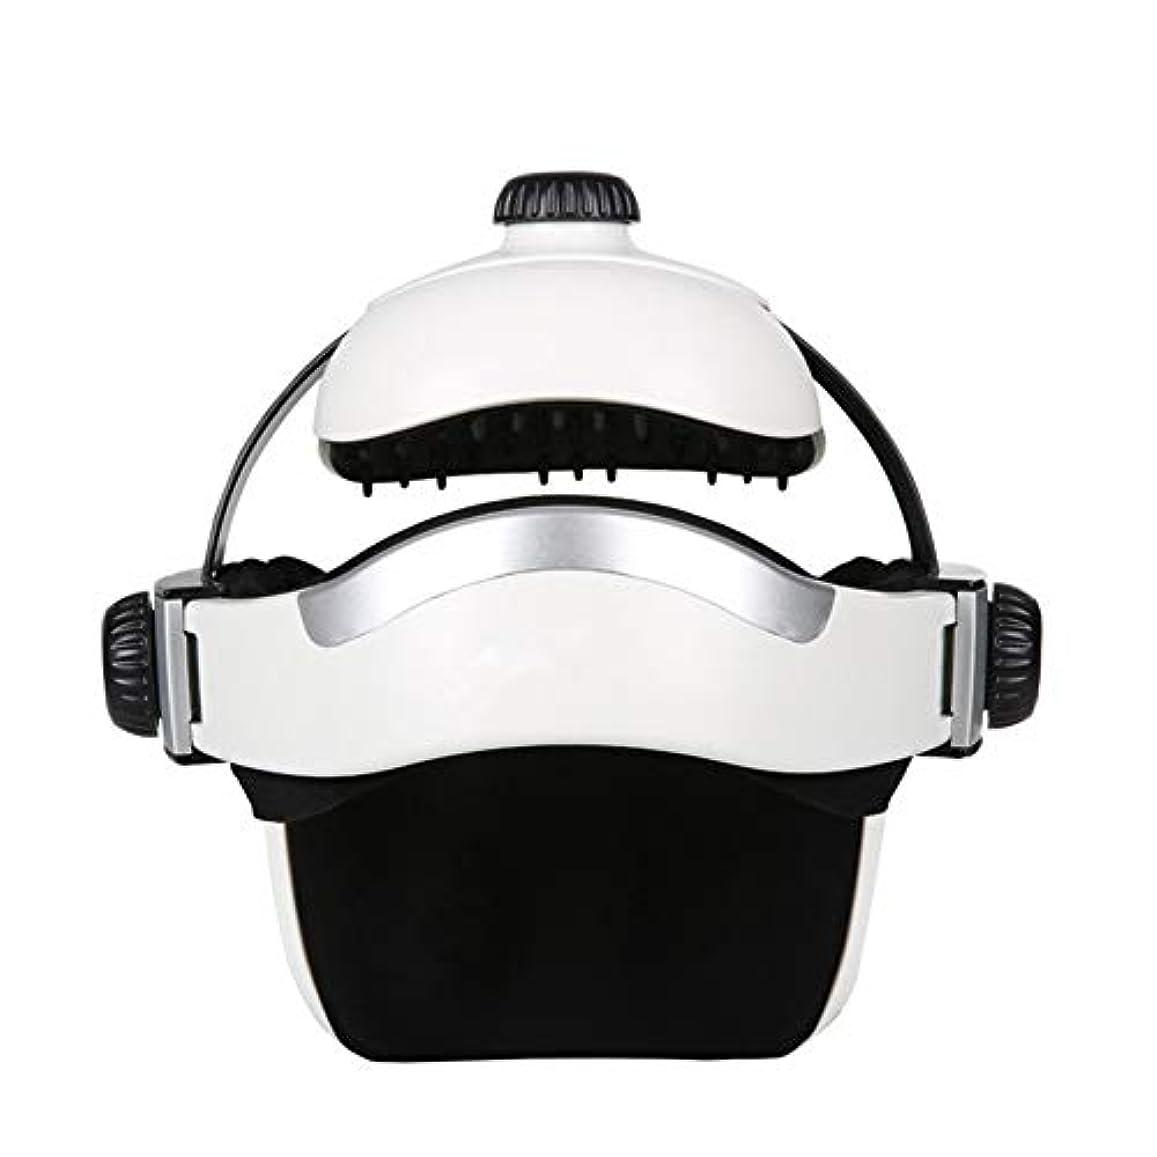 先薬局レイプヘッドマッサージャー、充電式電気ヘルメットマッサージャー、エアコンプレッション、リモートコントロールコントロール、ストレス解消、深眠